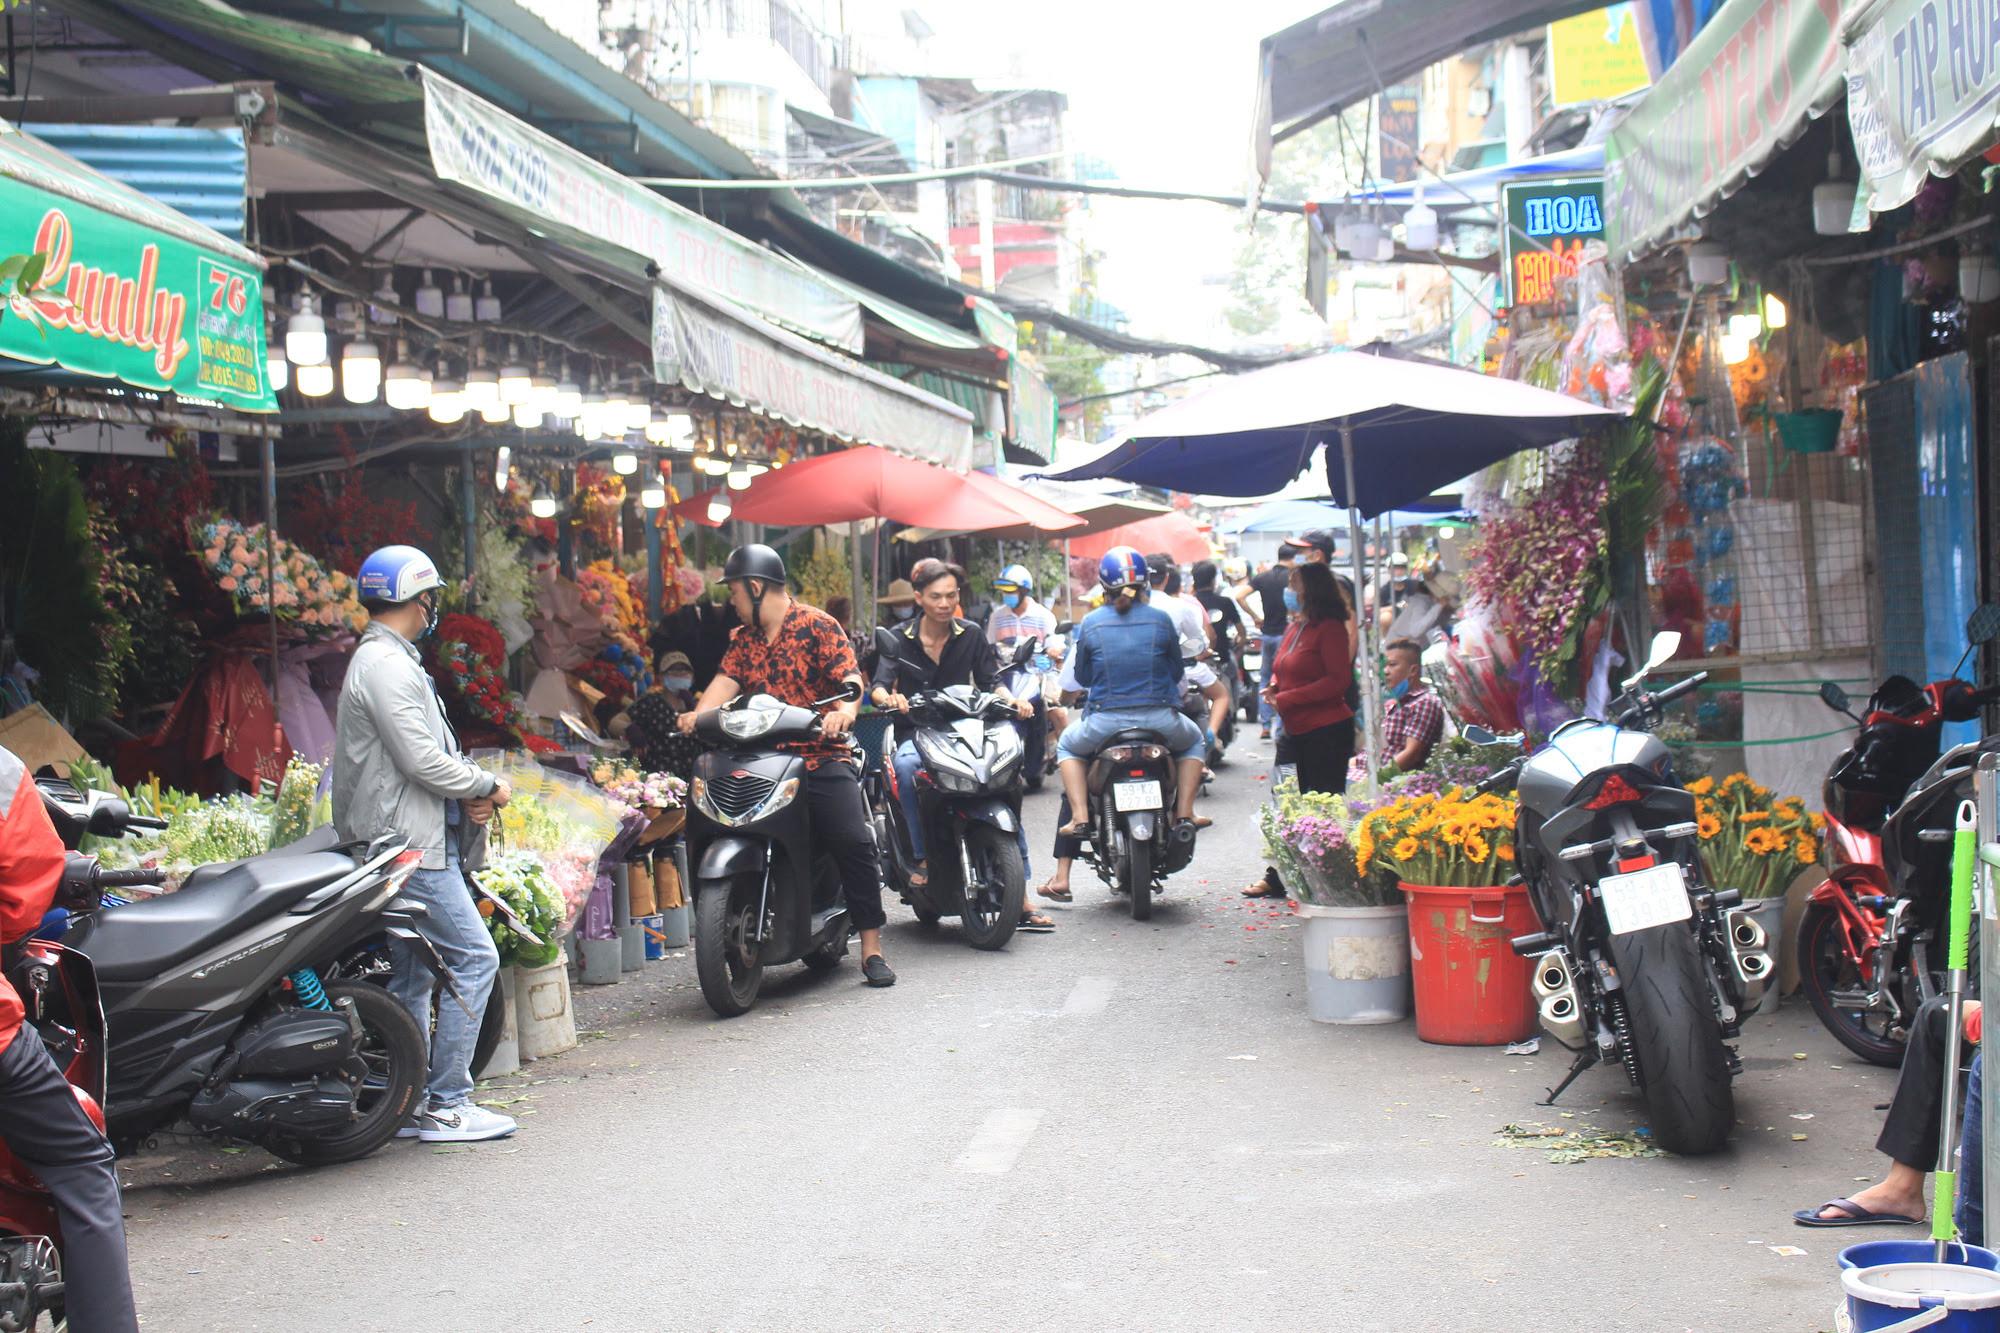 ẢNH: Chợ hoa, quà tặng Lễ tình nhân ế ẩm, chờ mãi không thấy người mua - Ảnh 6.